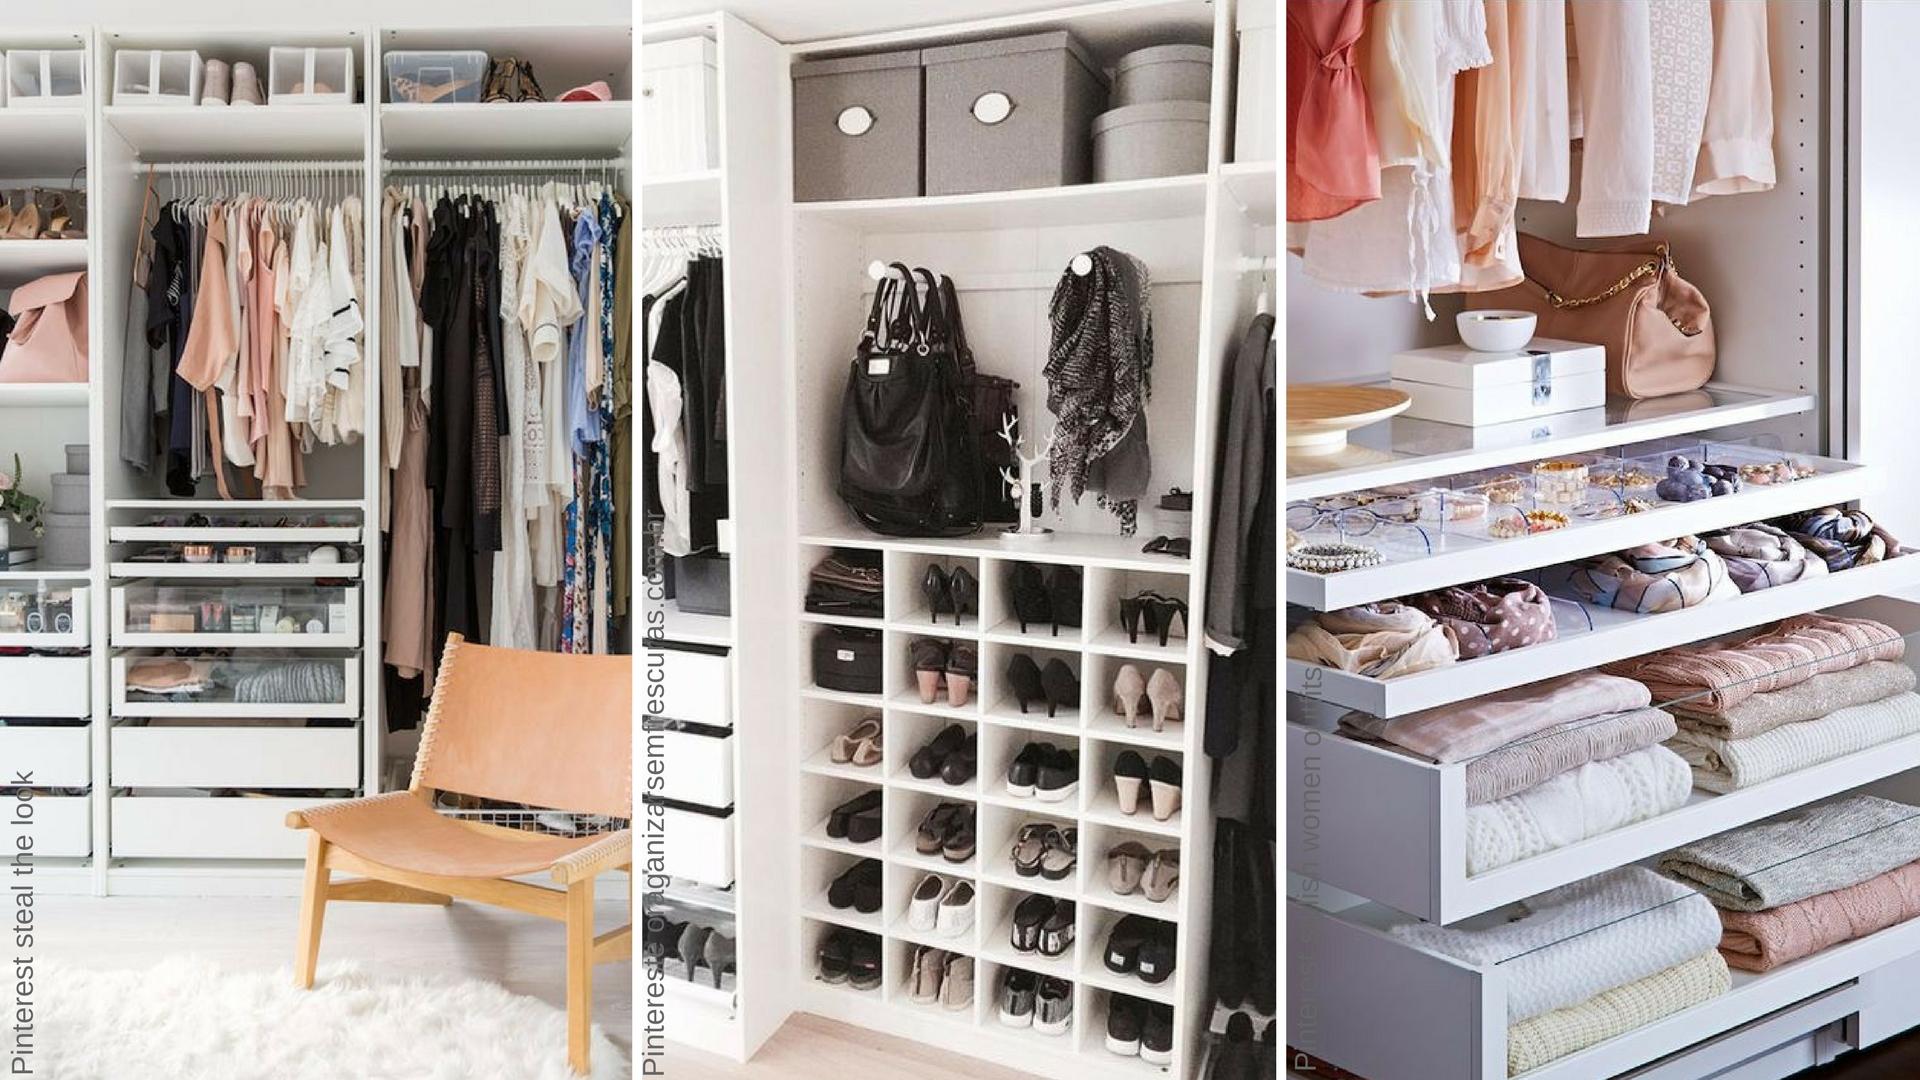 Dê uma geral em seu guarda-roupa para arrasar nas compras gastando pouco